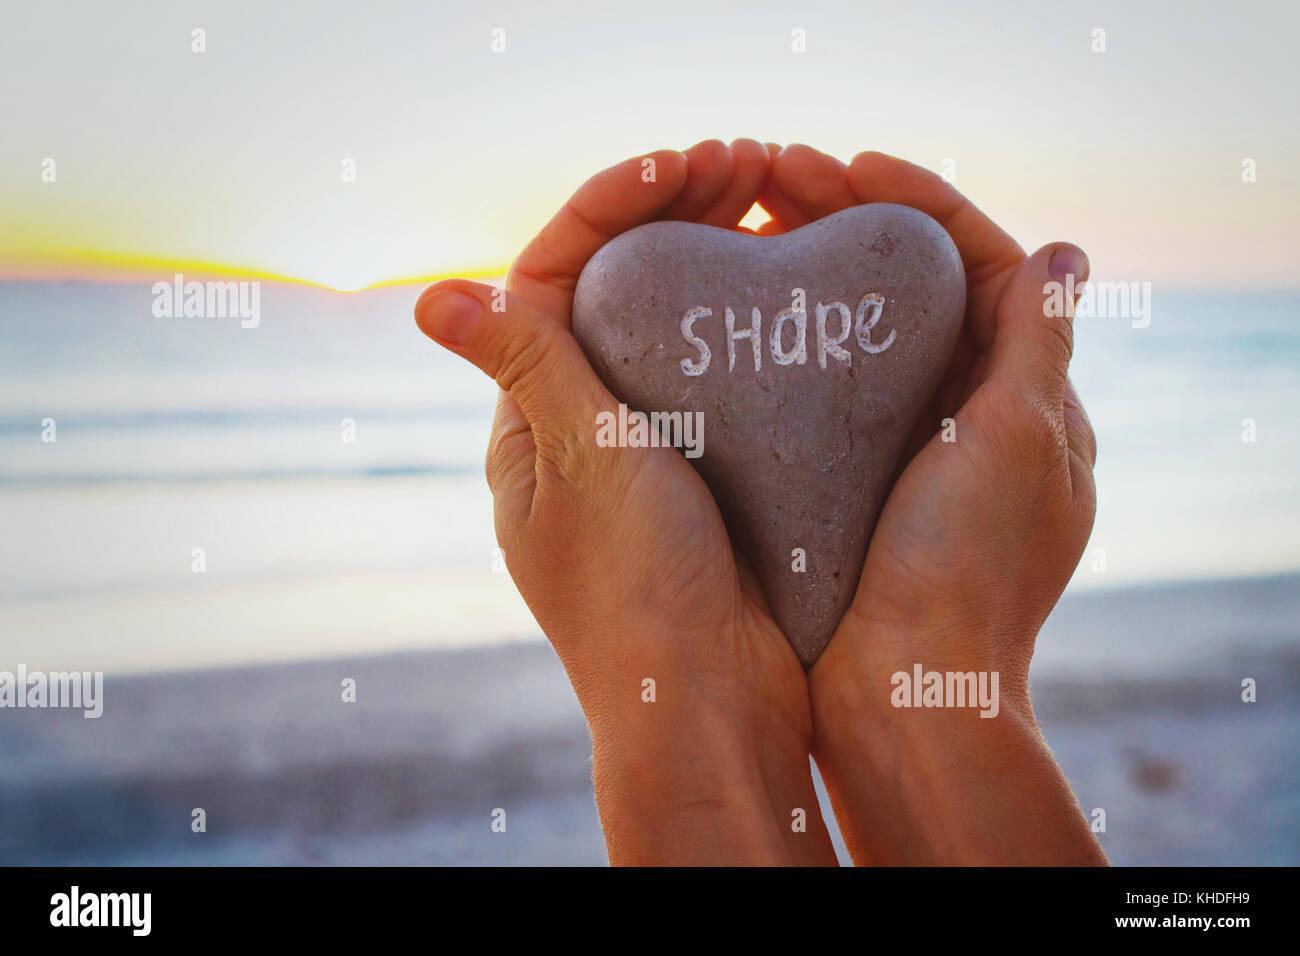 Compartir concepto, manos sosteniendo la piedra con palabra escrita en ella Imagen De Stock